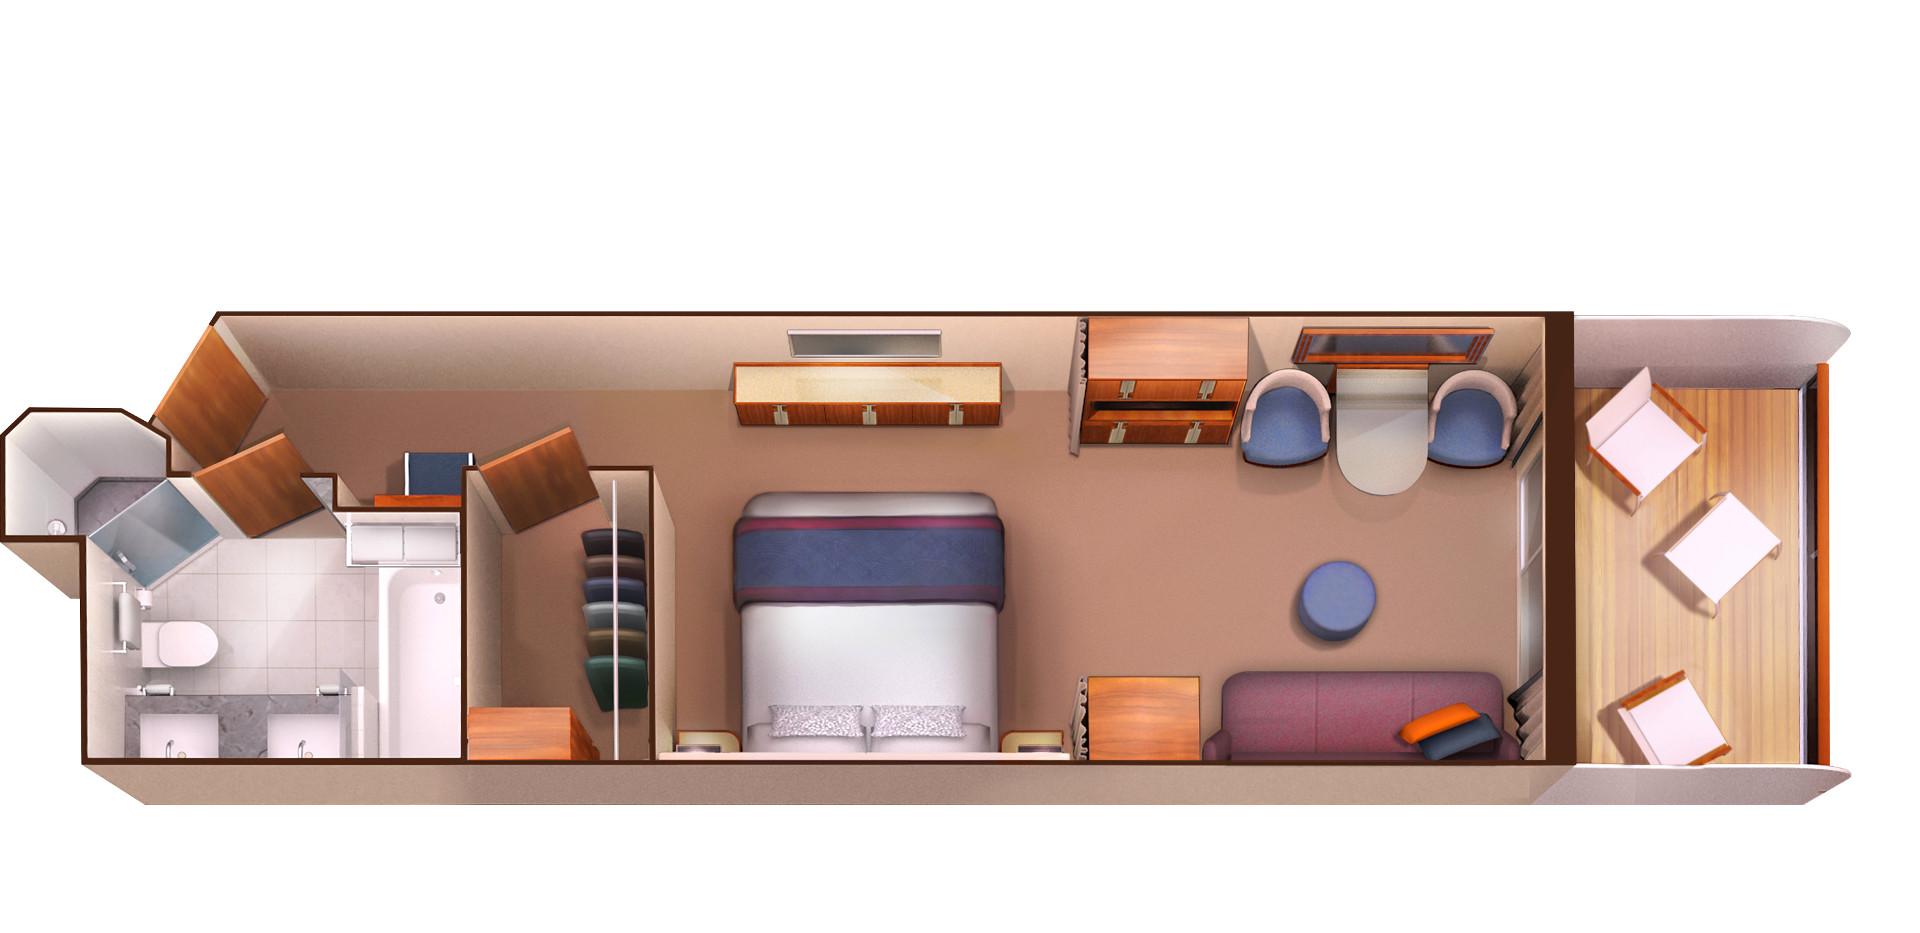 Veranda Suite - Seabourn Encore - Veranda Suite V1 / V2 / V3 / V4 / V5 / V6 - Seabourn Encore - Bild 4 - Grundriss Thumb